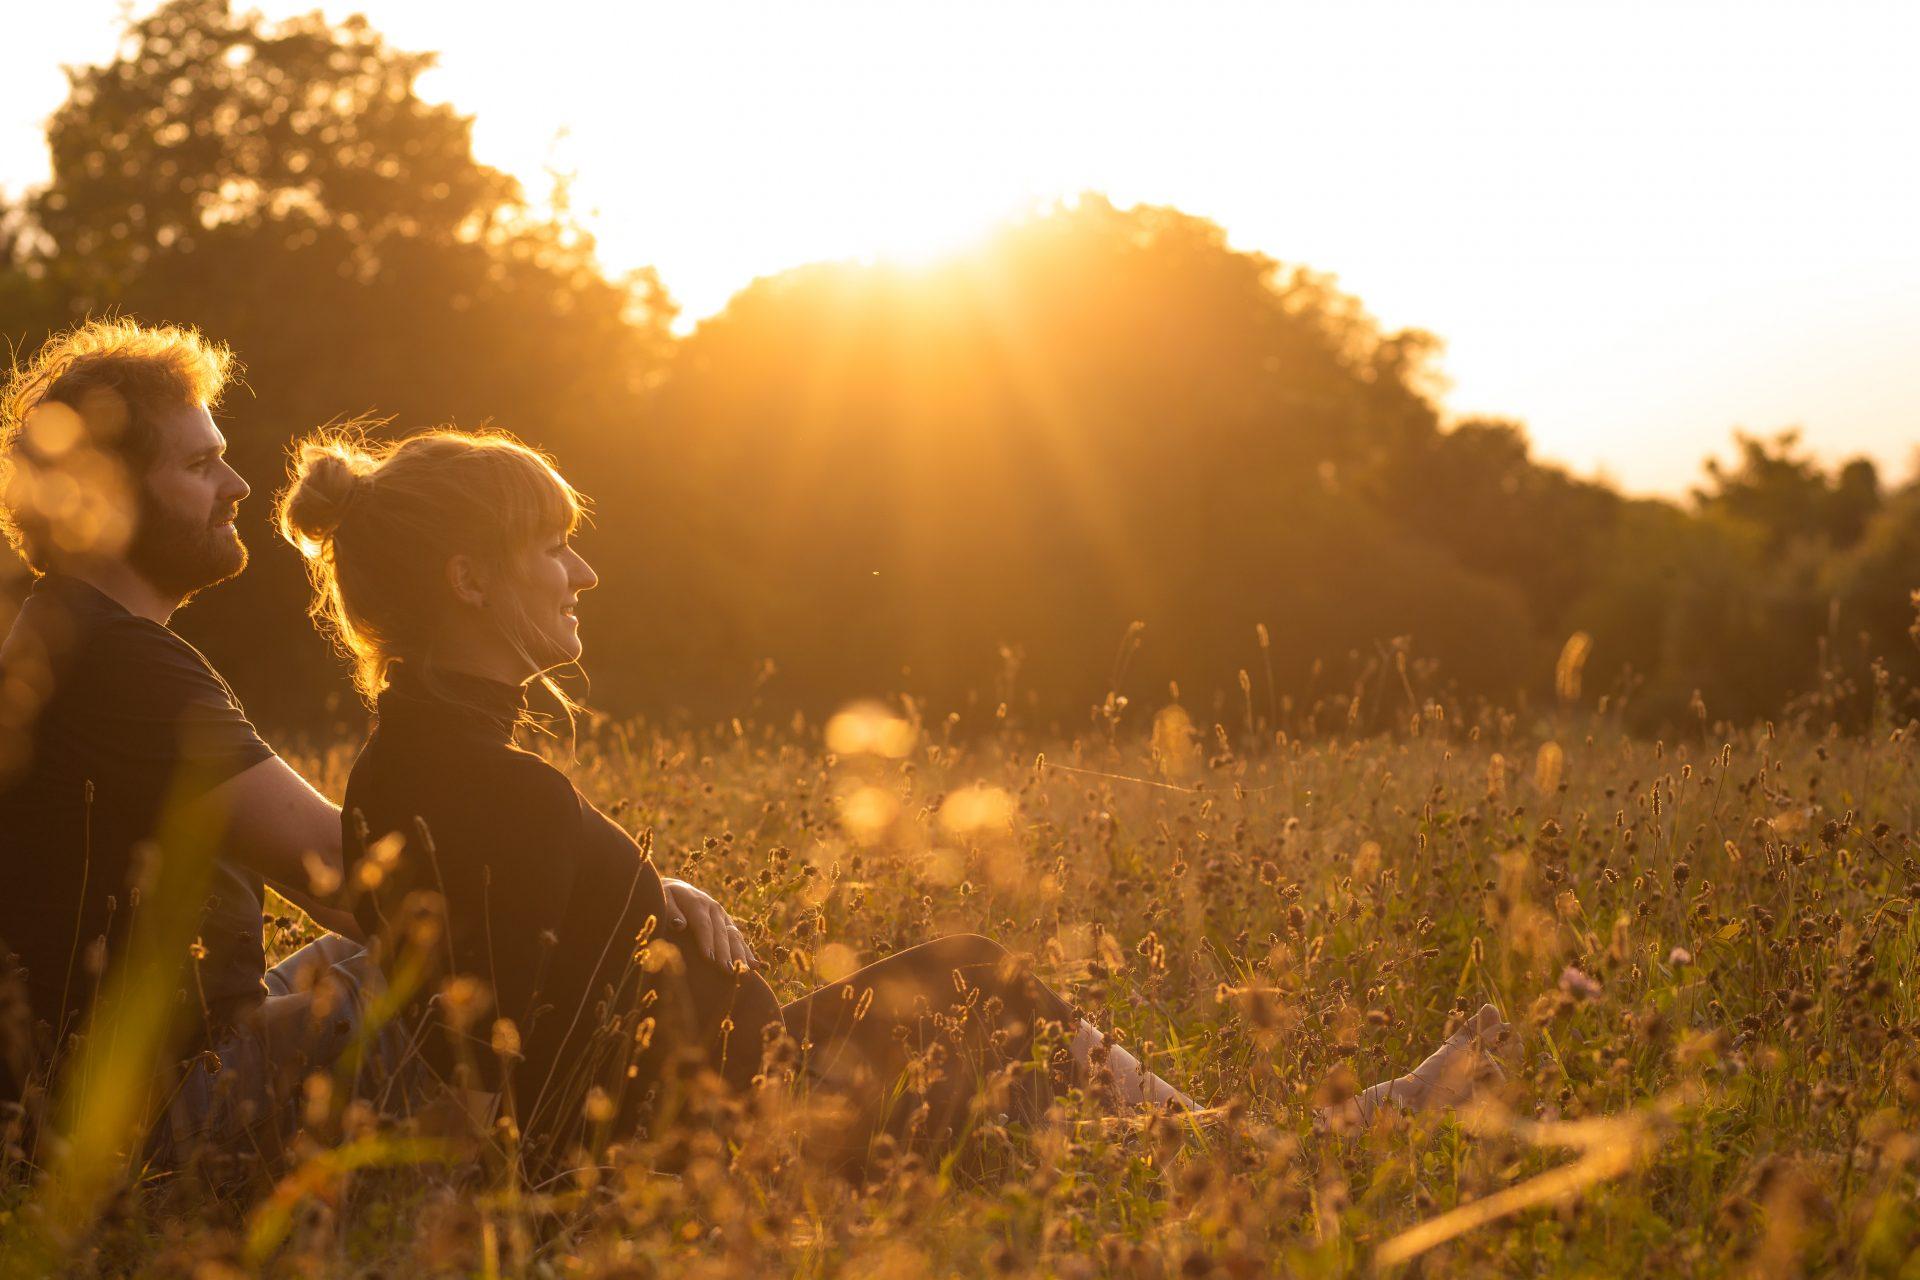 Paar mit Babybauch im Sonnenuntergang - Fotografin Anja Schnell